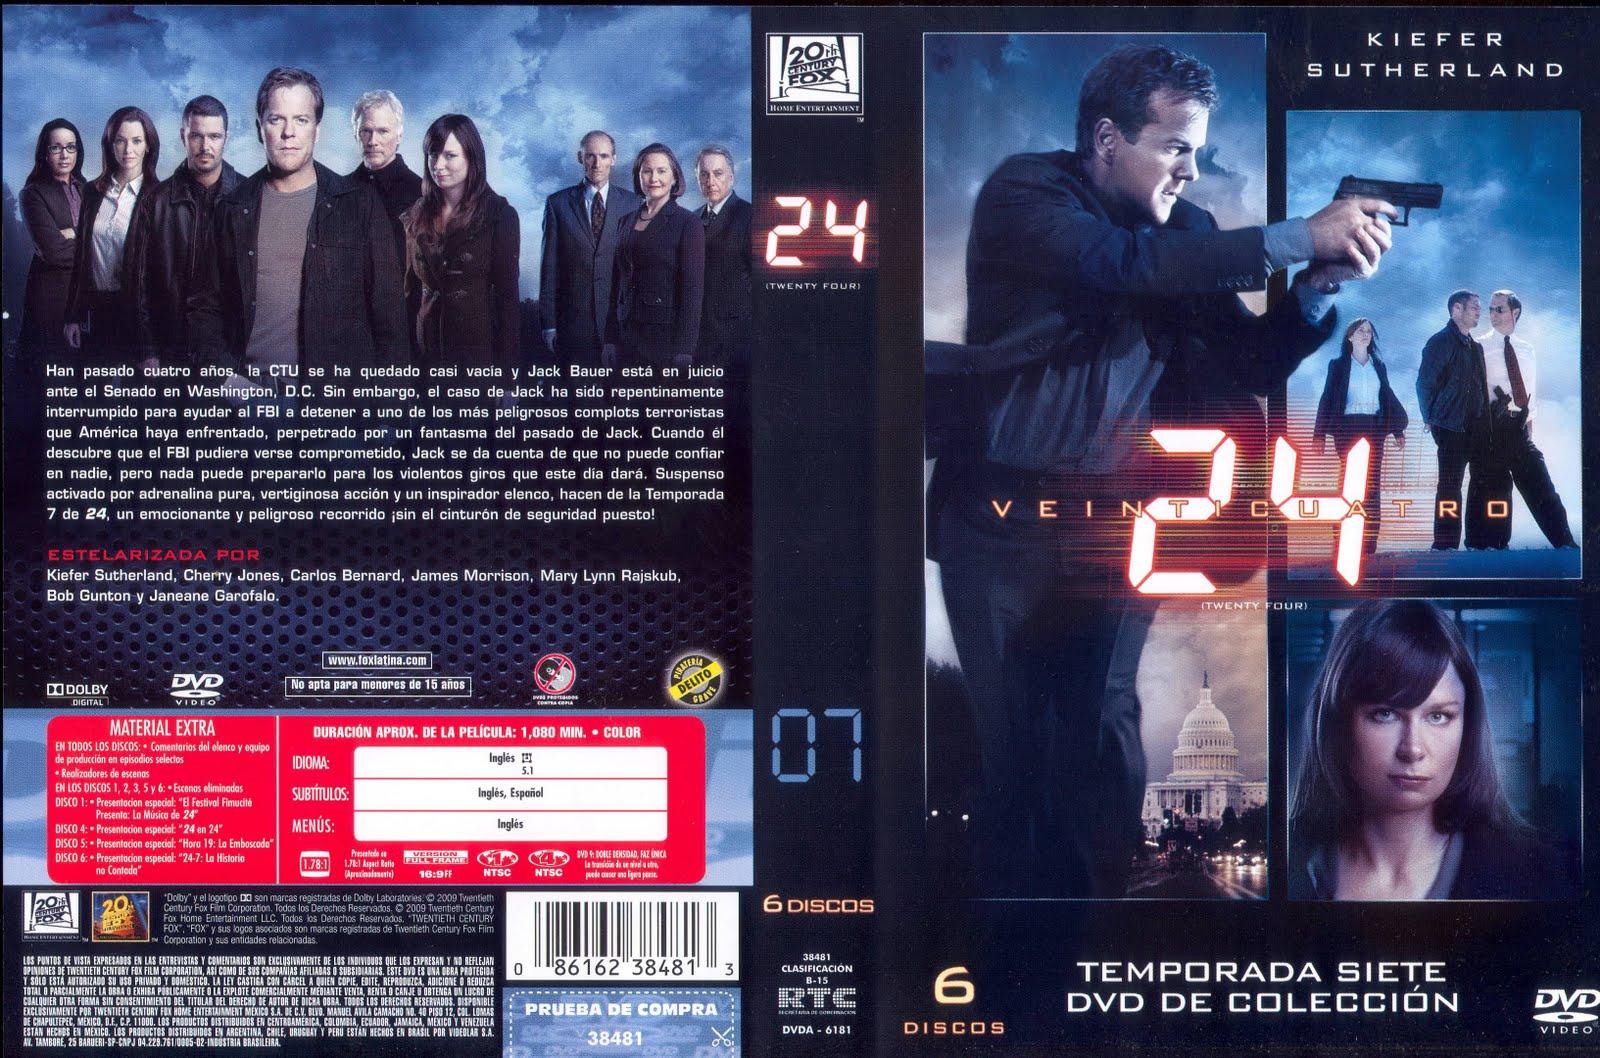 5 temporada de 24: